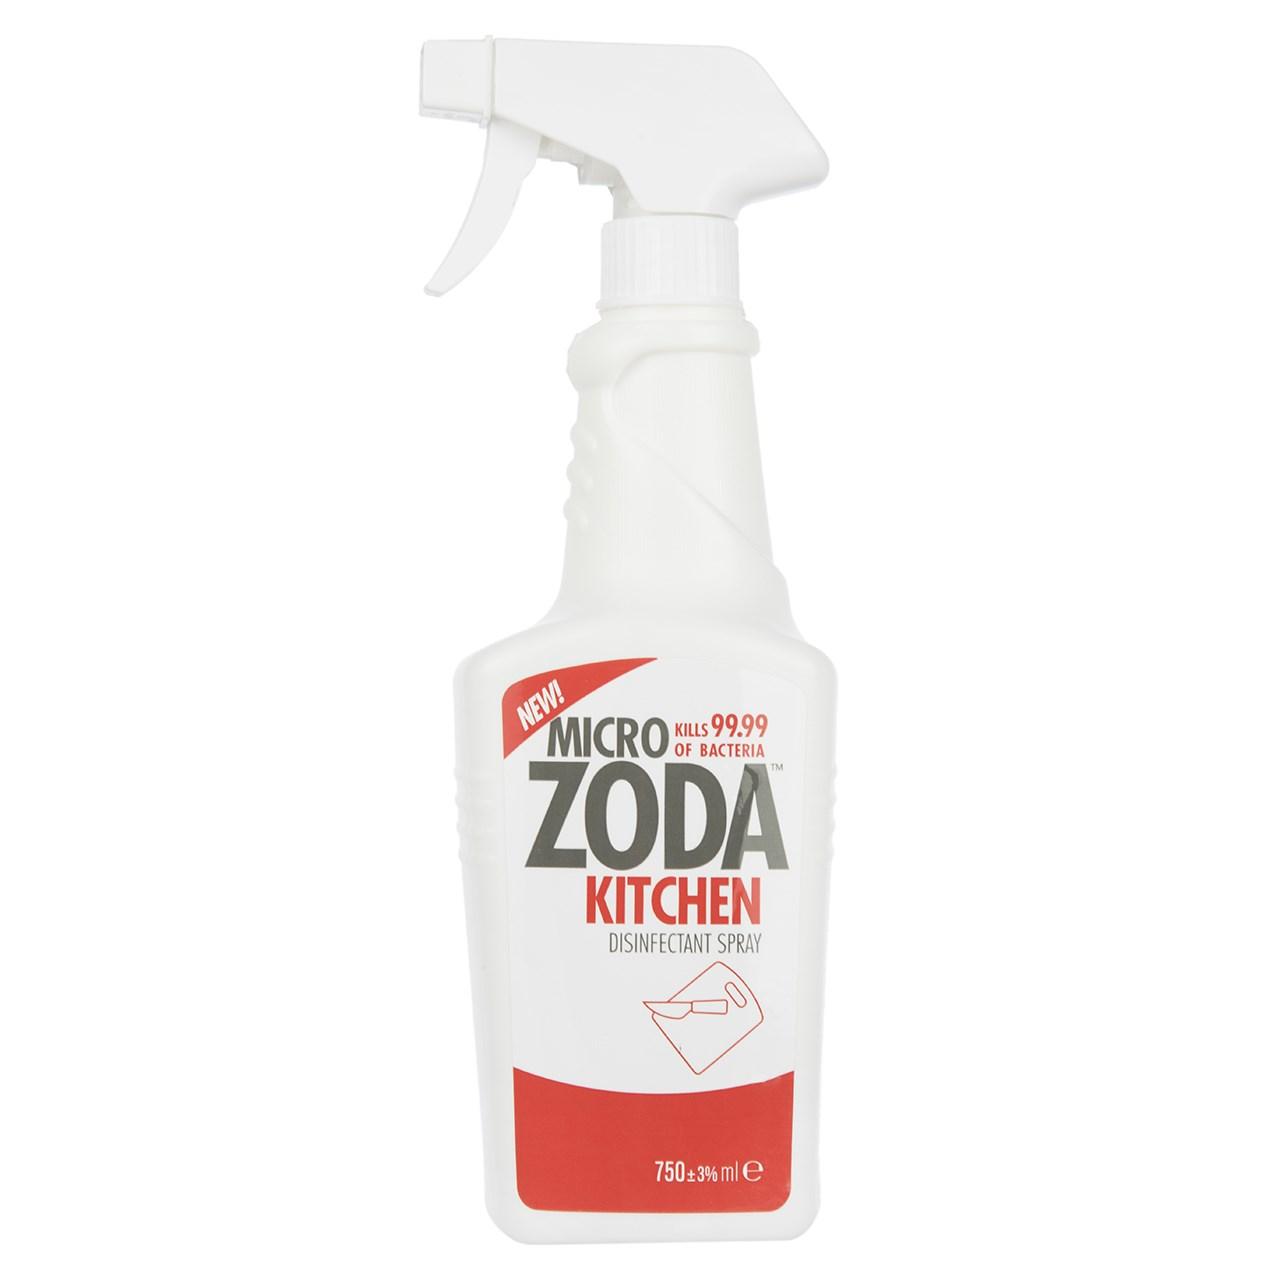 خرید اینترنتی                     اسپری ضدعفونی کننده آشپزخانه میکروزدا مدل Kitchen Disinfectant حجم 750 میلی لیتر